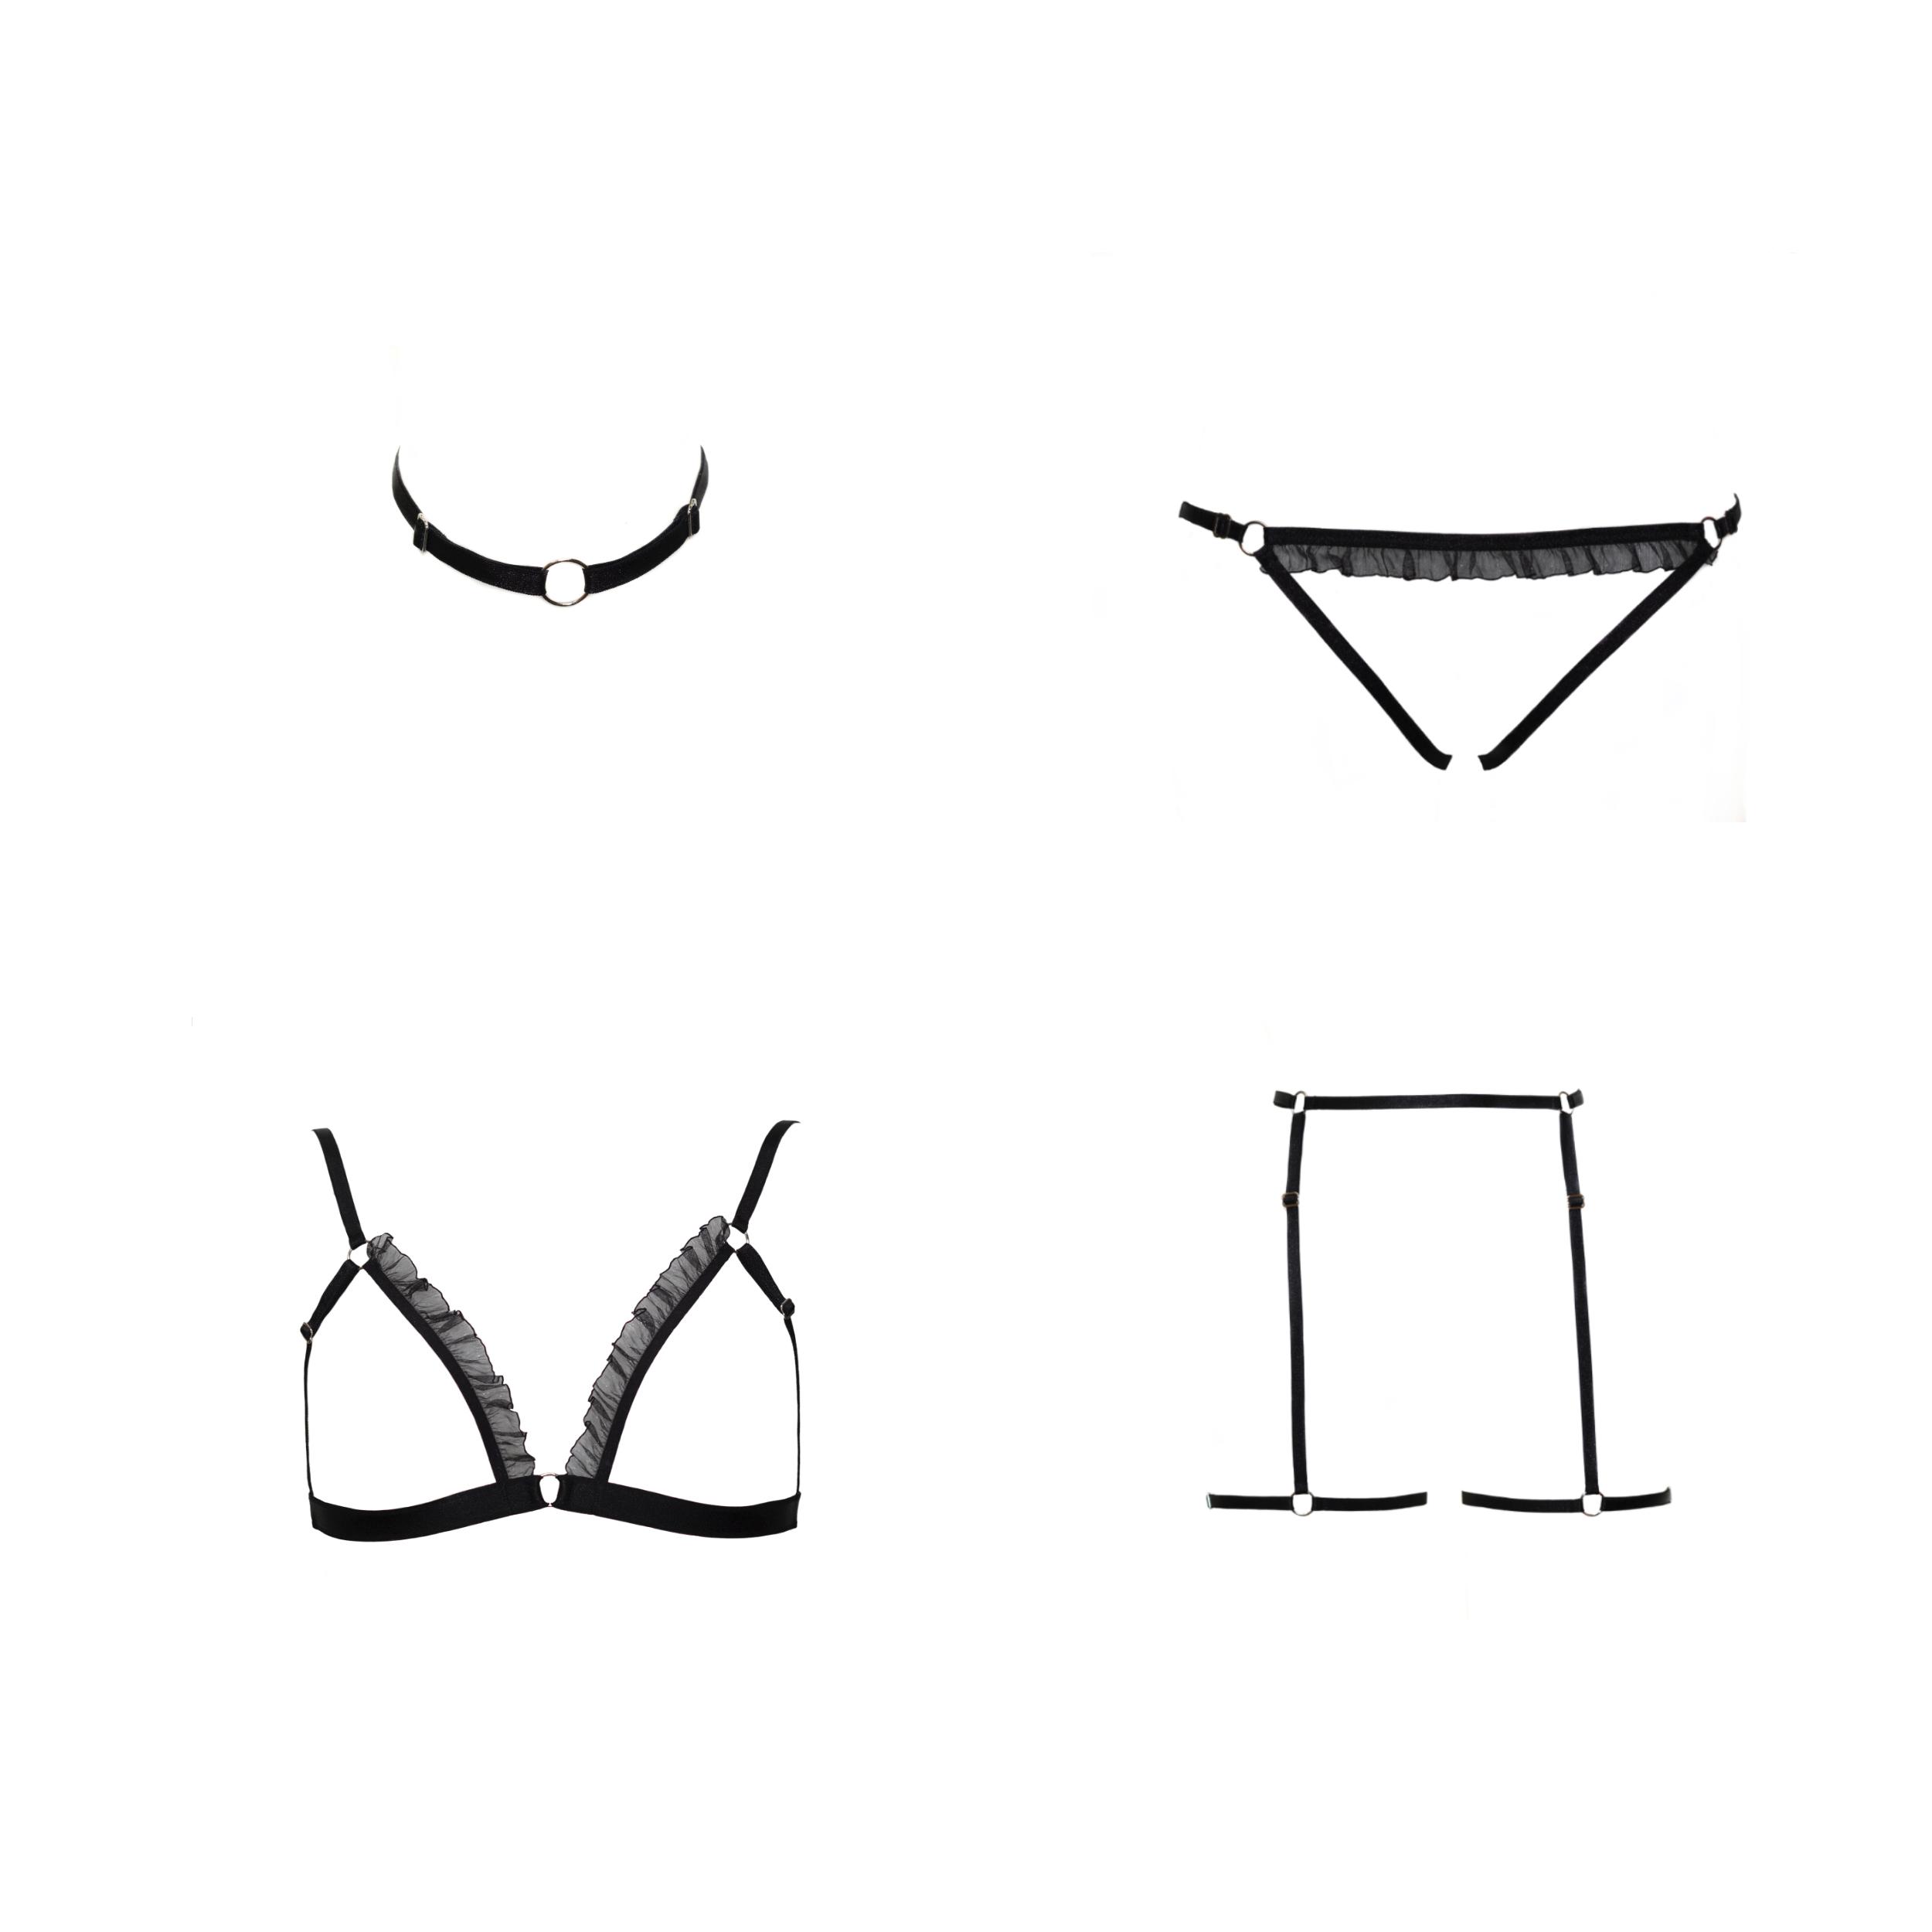 BlackWings Lingerie - Abby Set - Open bralette, harnessBlackWings Lingerie - Abby Set - Open bralette, harness